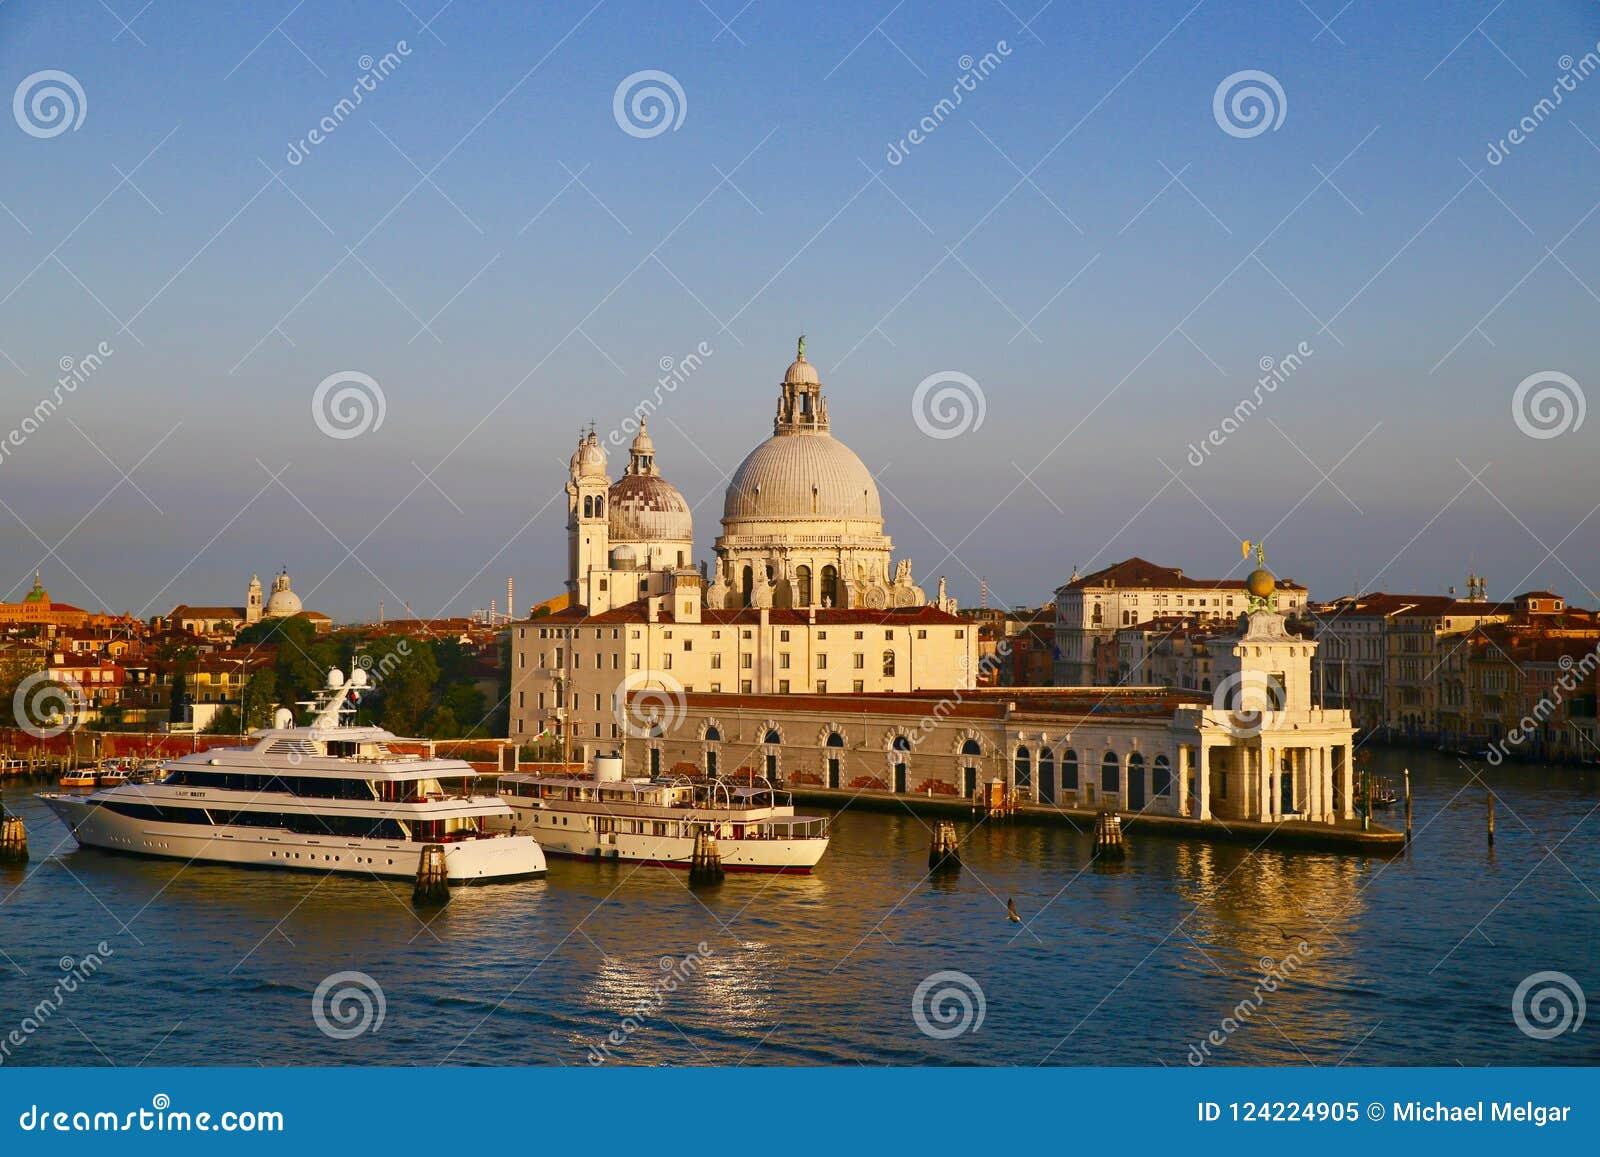 La basílica de St Mary de la salud en Venecia